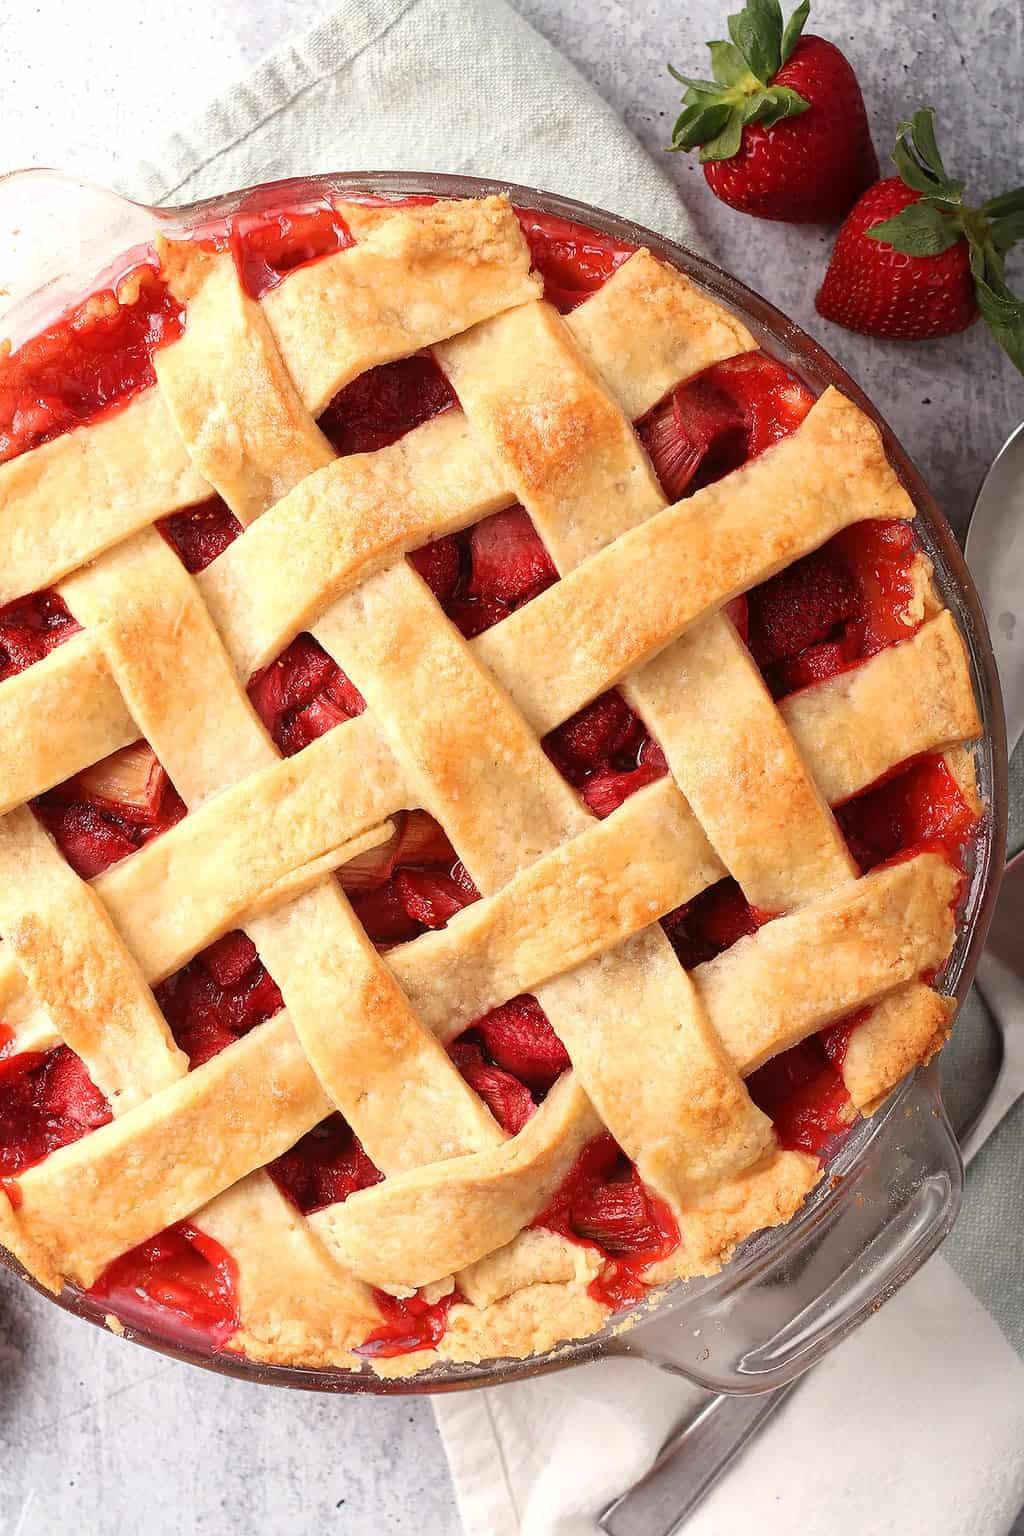 Whole Strawberry Rhubarb Pie